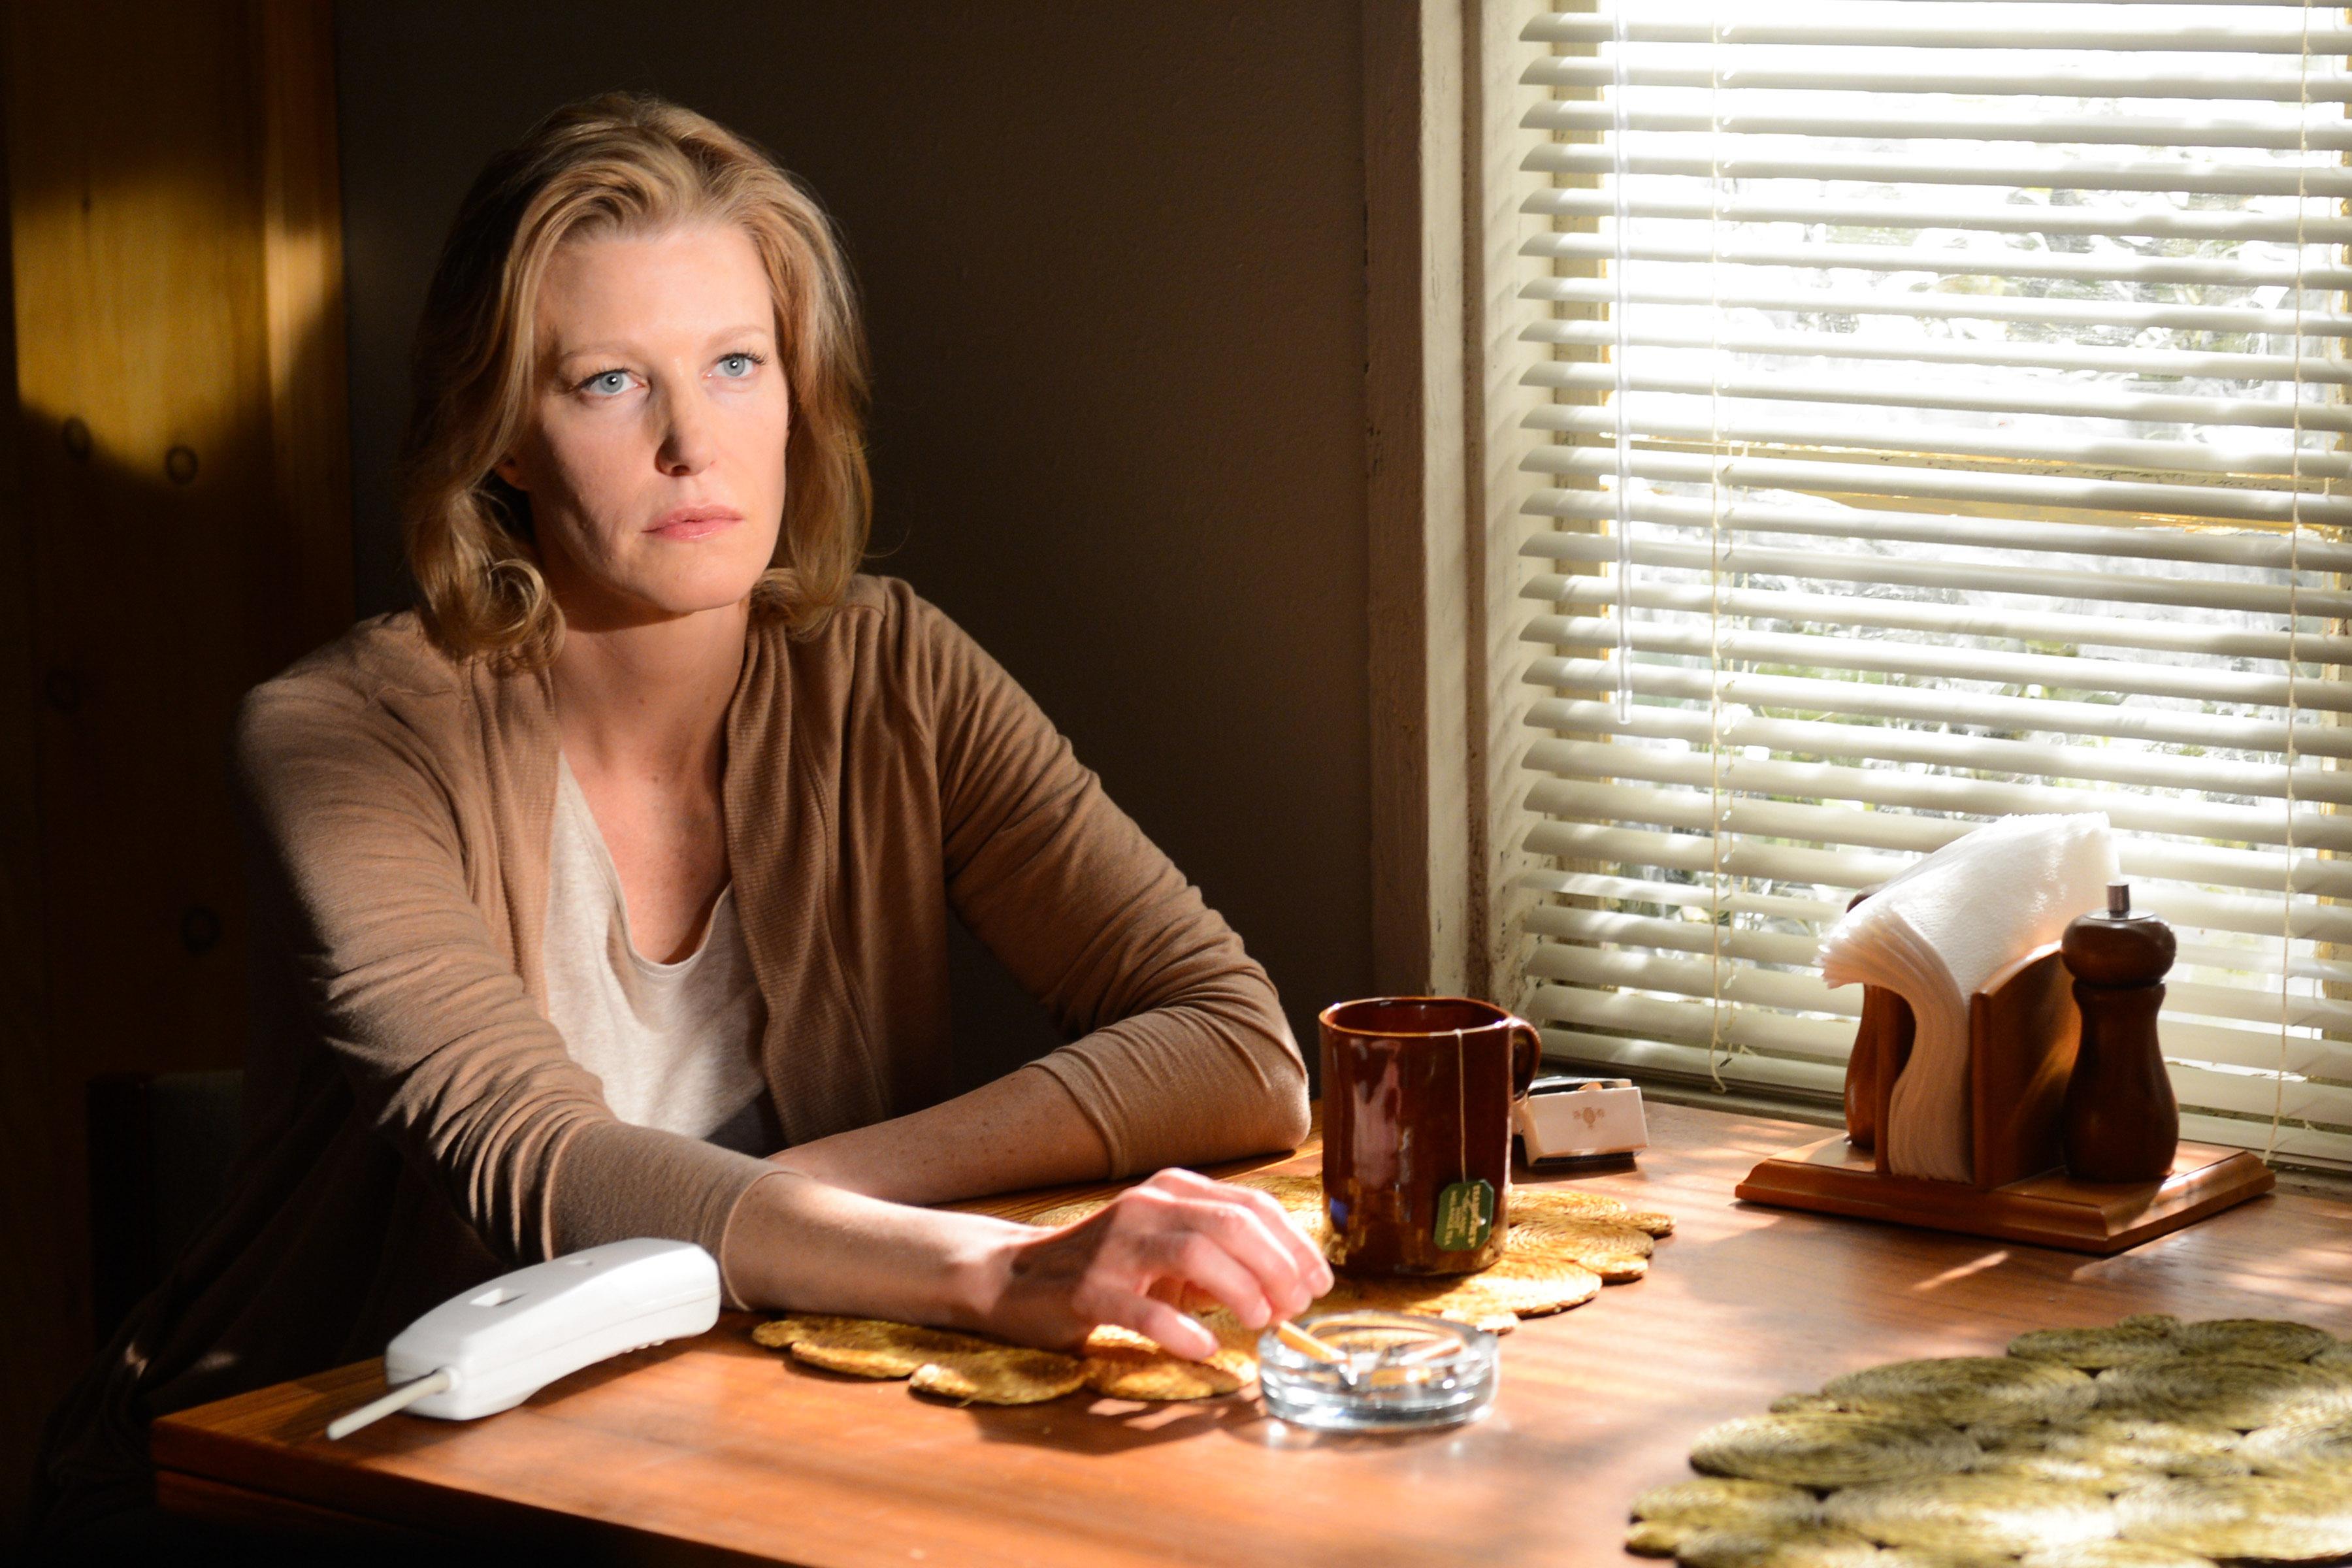 Anna Gunn as Skyler White in Breaking Bad Season 5, Episode 16